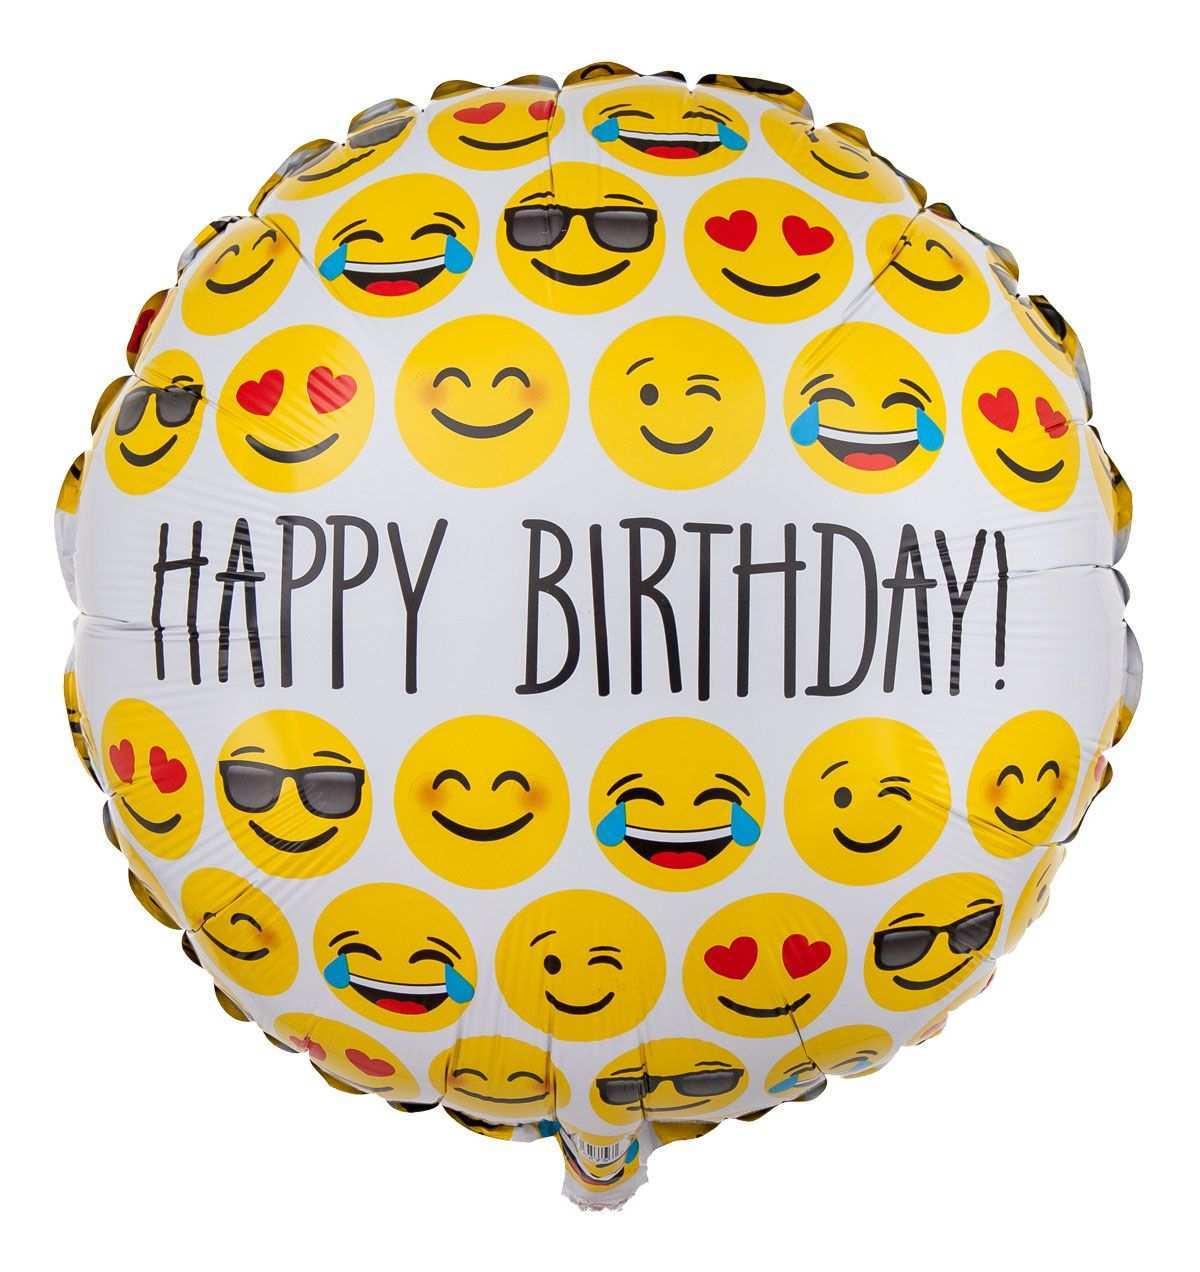 Emoji Ballon Smileys Happy Birthday Geburtstag Gratulieren Party Emoji Alles Gute Zum Geburtstag Ballons